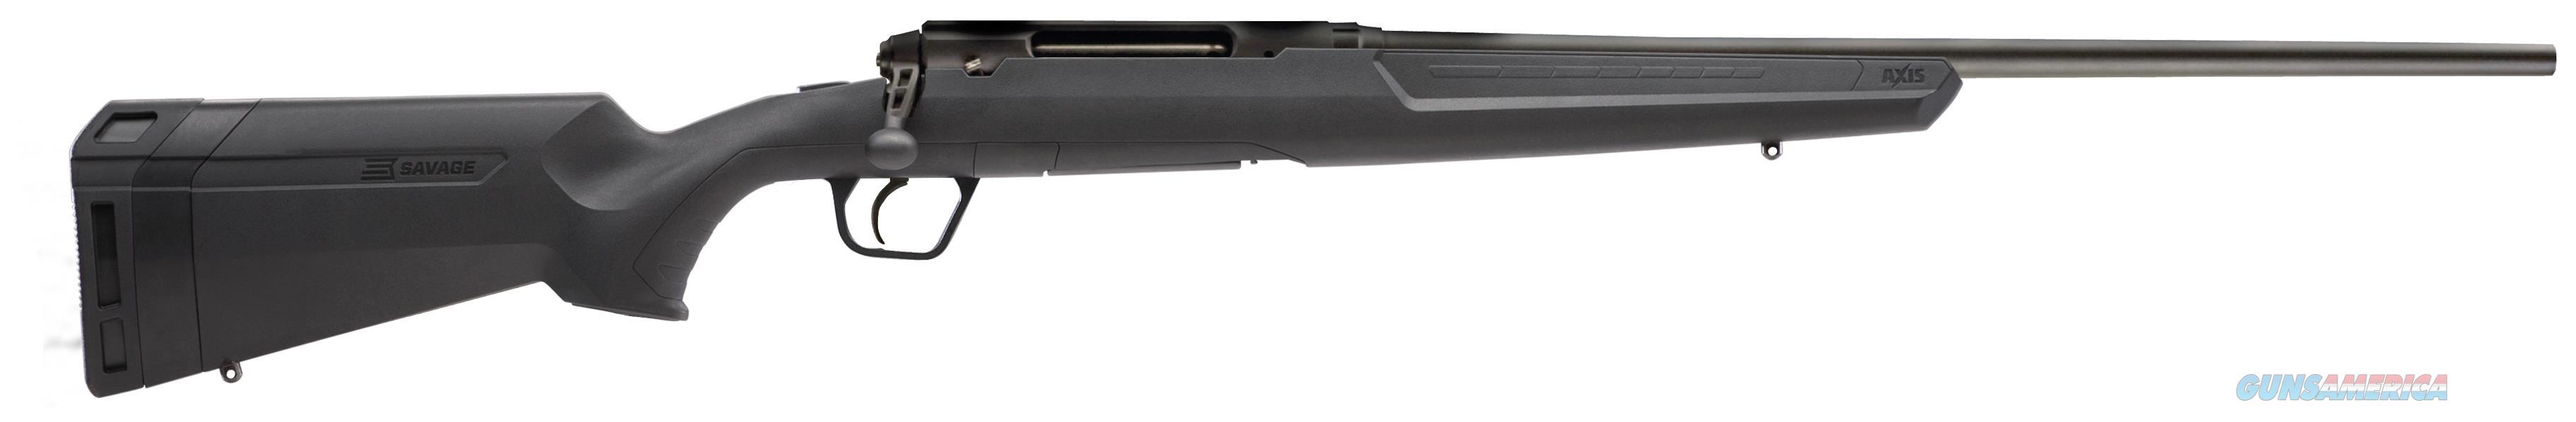 """Axis G2 22-250 Bl/Syn 22"""" 57234  Guns > Rifles > S Misc Rifles"""